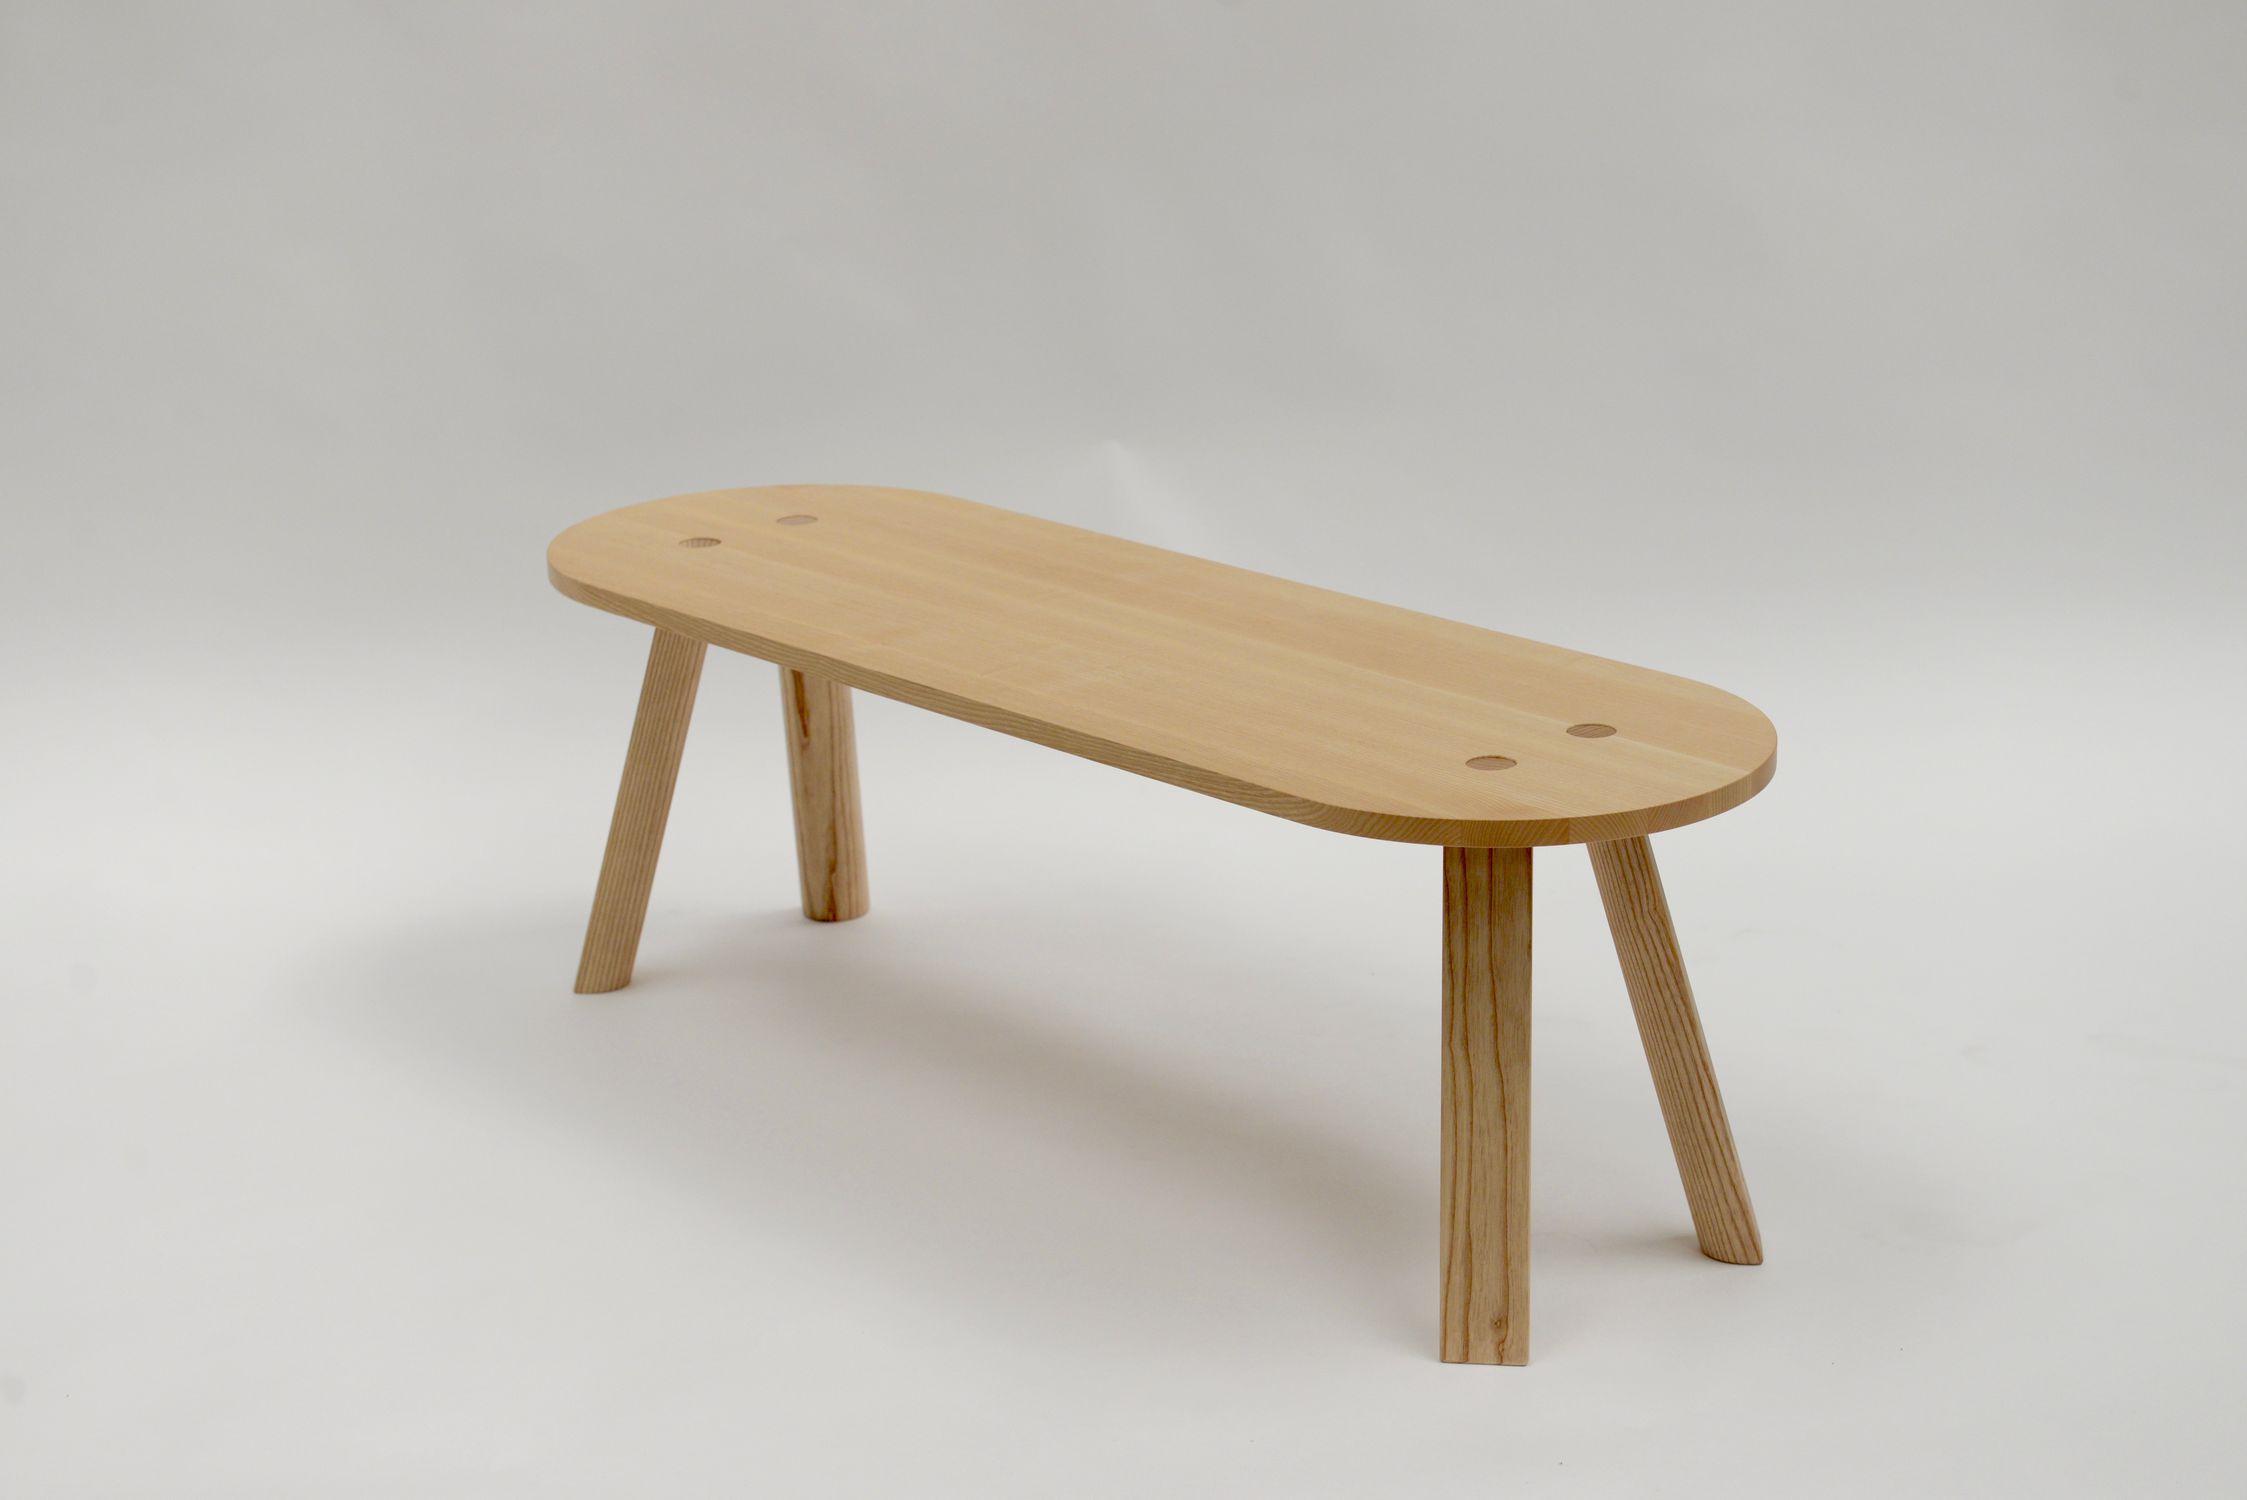 Wunderbar Beistelltisch Holz Rund Dekoration Von Moderner / / / Oval